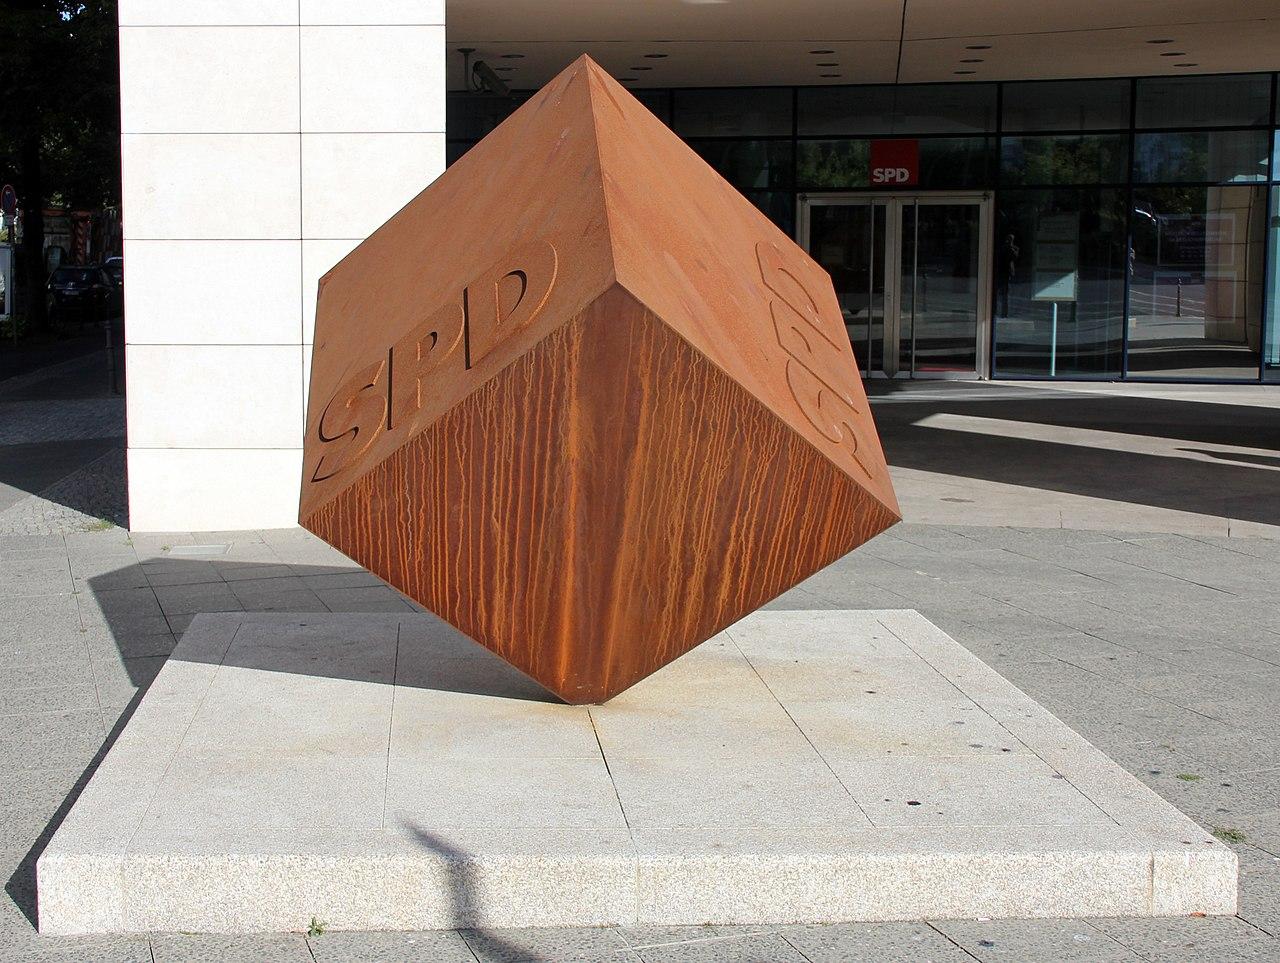 Skulptur Wilhelmstraße 140 (Kreuz) SPD Würfel.jpg